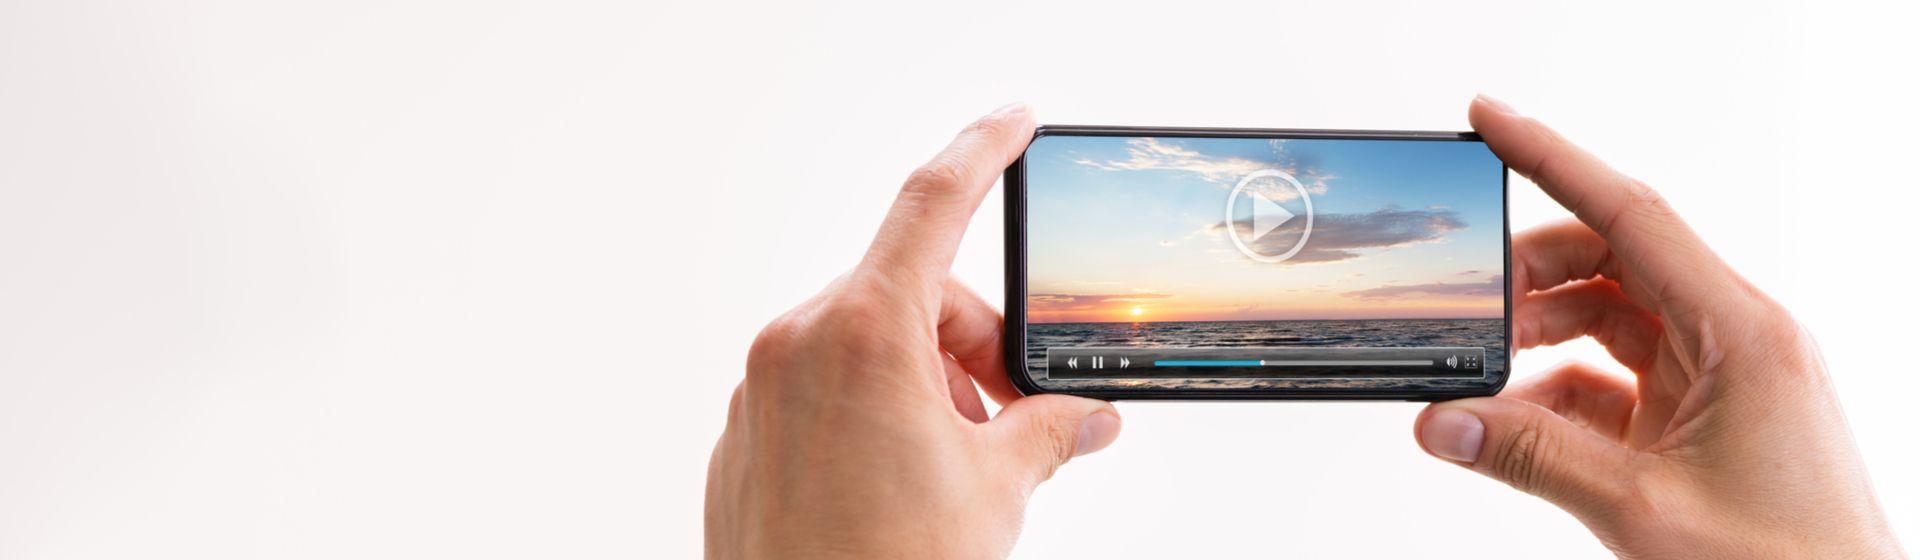 Celular com TV: veja modelos para comprar em 2021